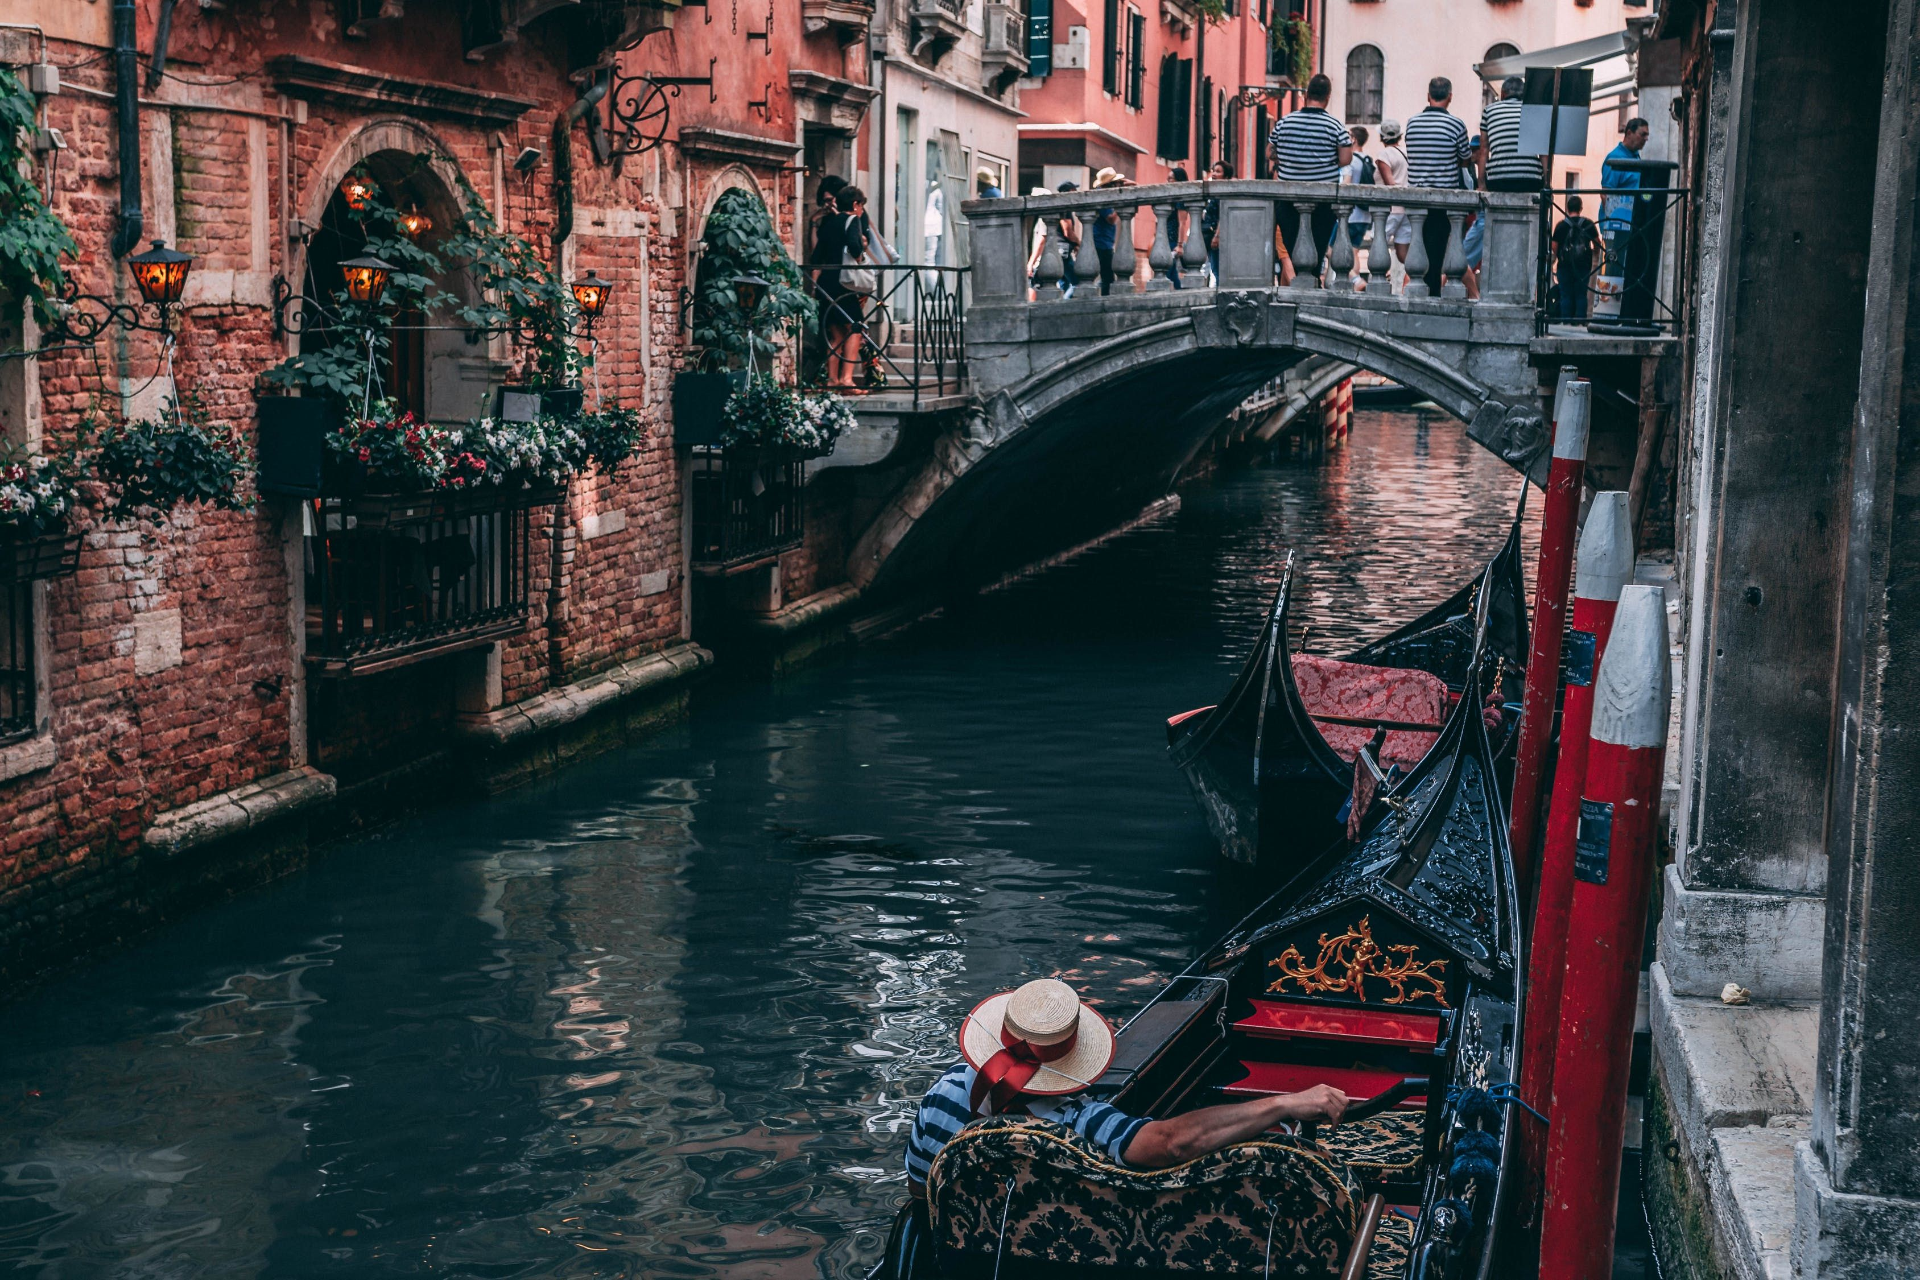 Robin won een vakantie naar Venetië met zijn vriendin #BACKPACKTRACK